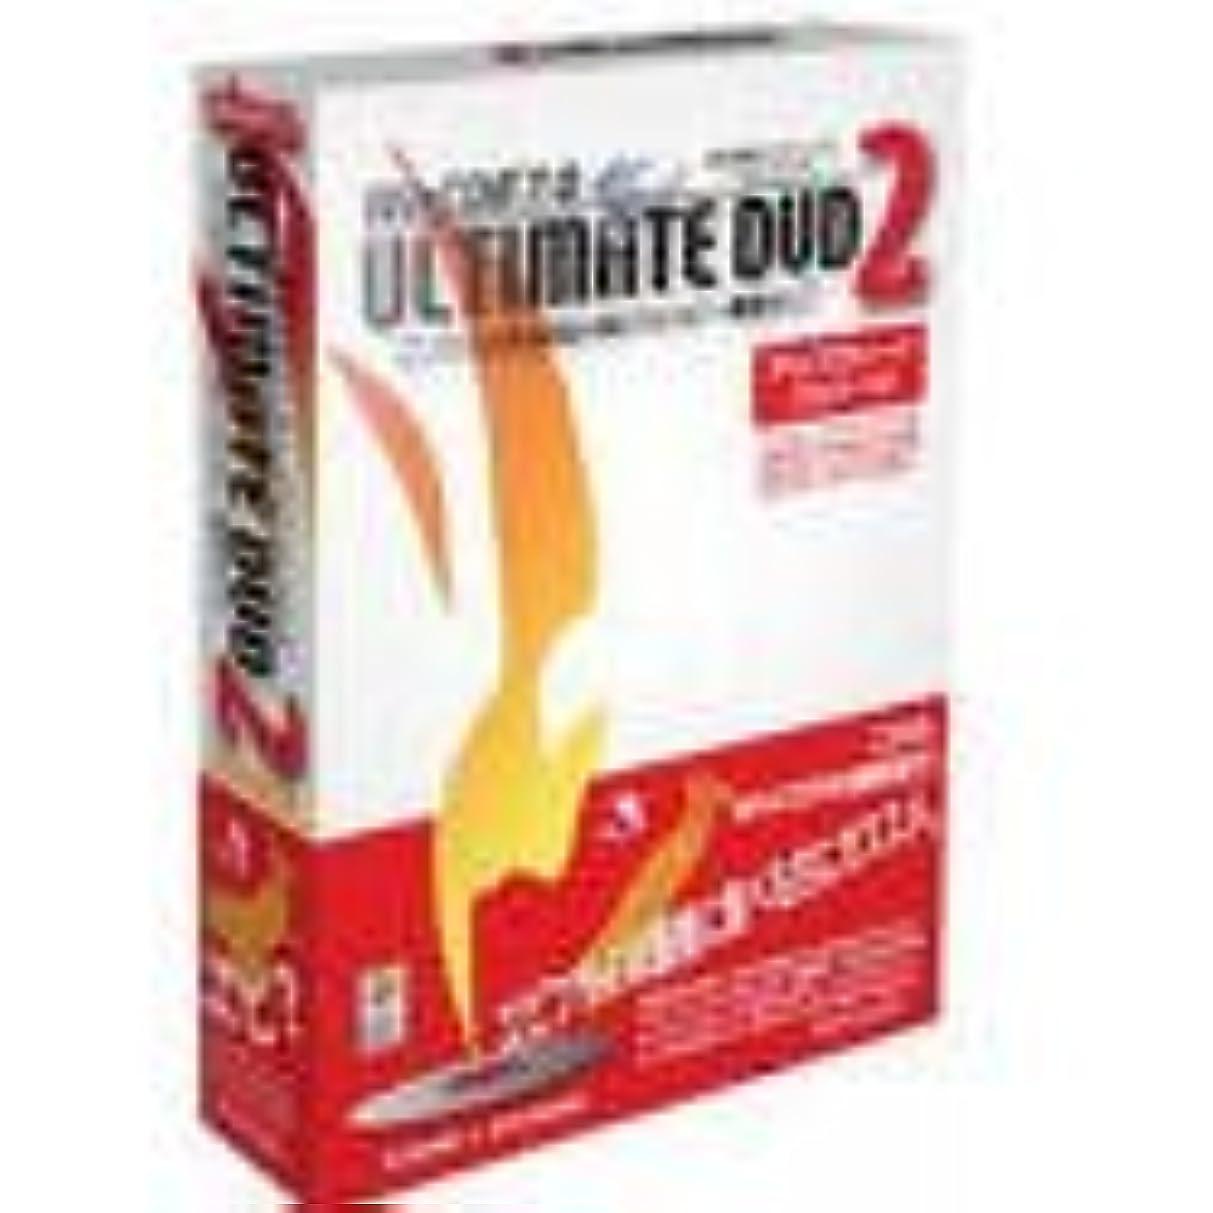 驚いた申請者疑問を超えてWinCDR 7.0 Ultimate DVD 2 アップグレードパッケージ